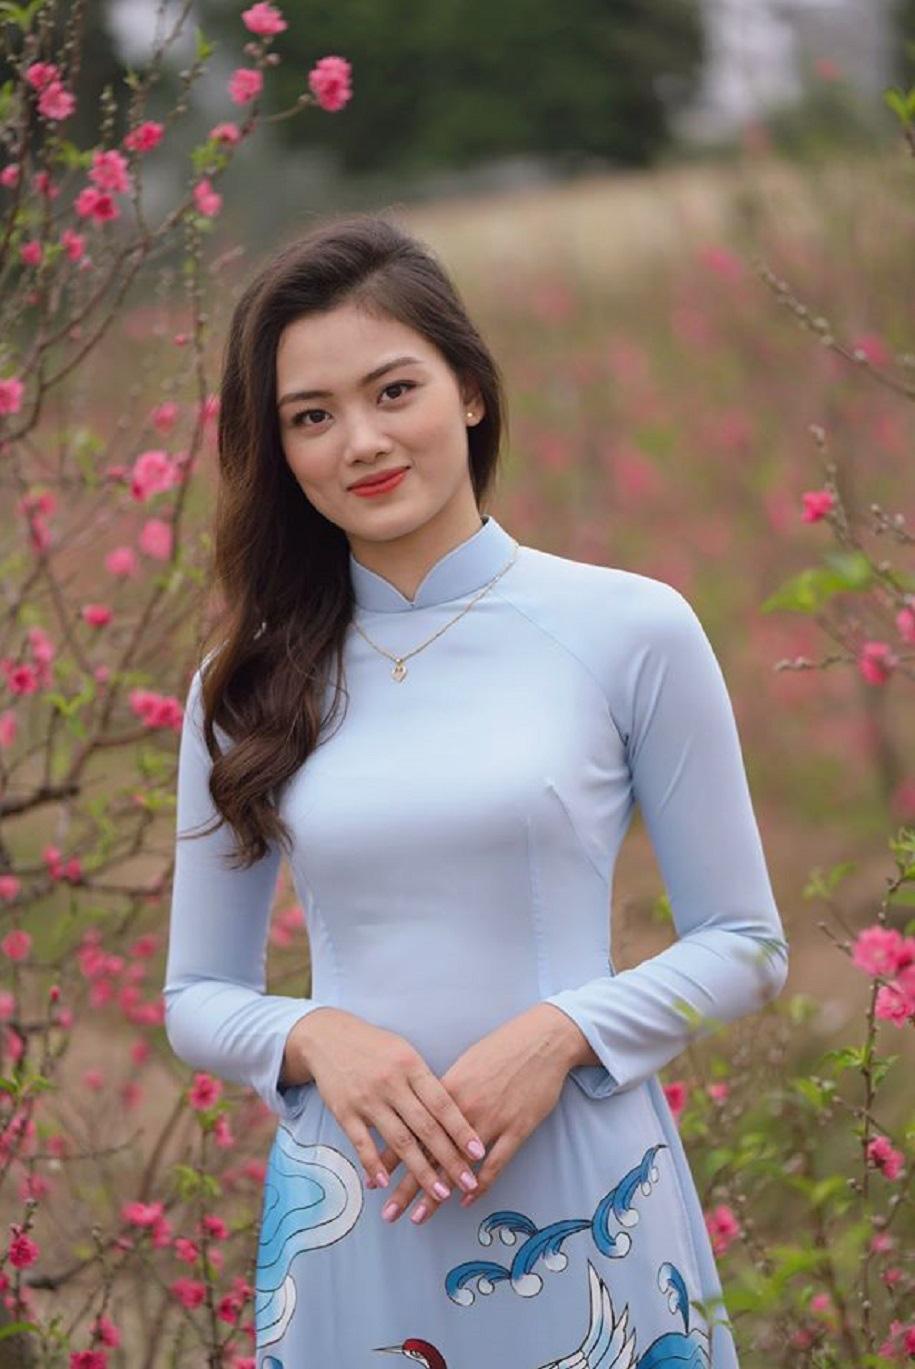 Hoa khôi bóng chuyền Việt Nam cao 1,74 m được báo chí thế giới khen ngợi - Ảnh 12.